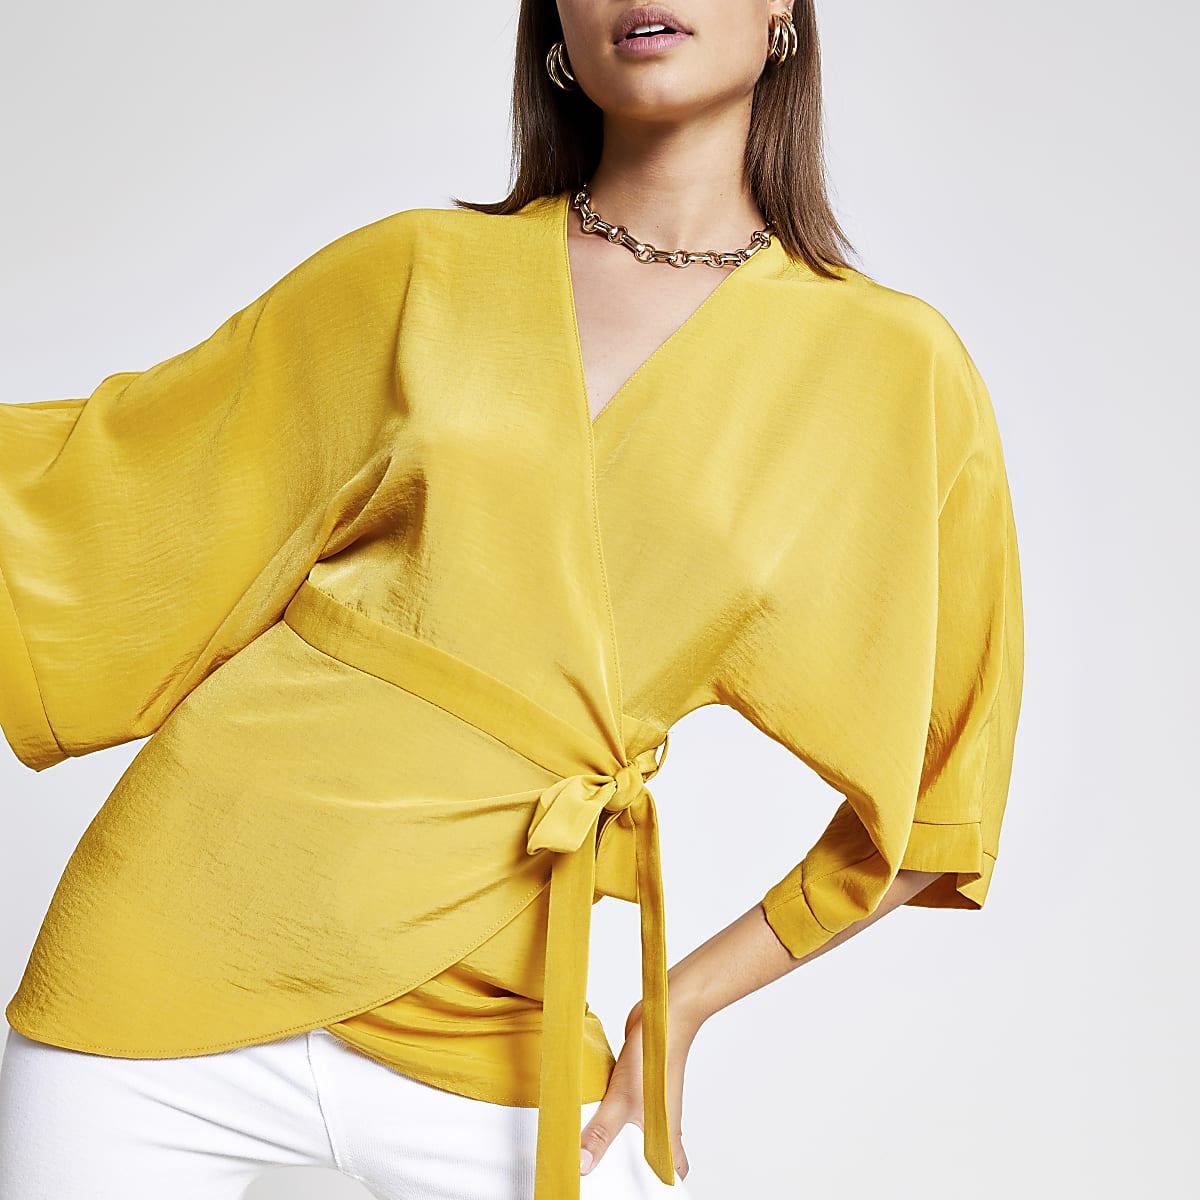 Yellow wrap tunic top